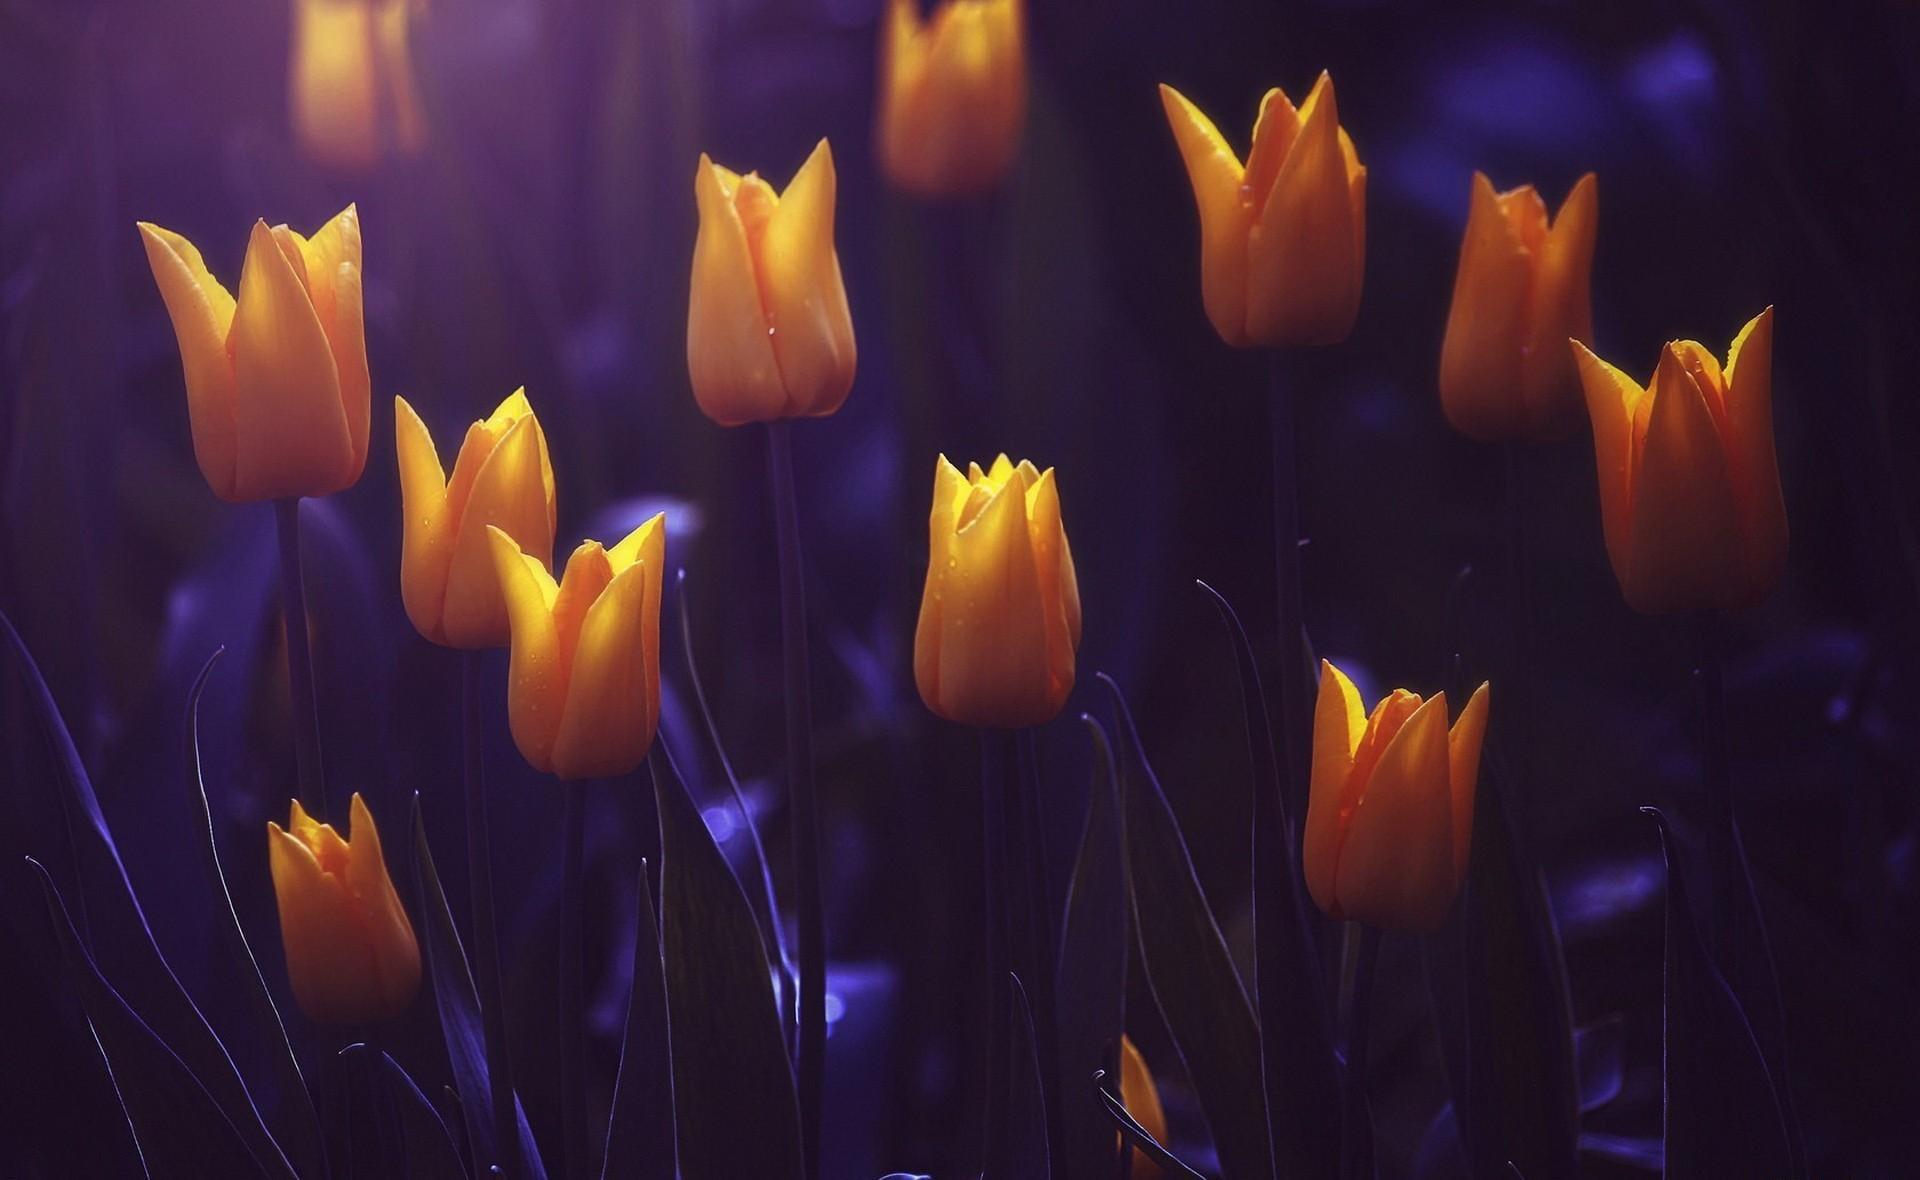 красивые картинки весенние цветы в ночи модель